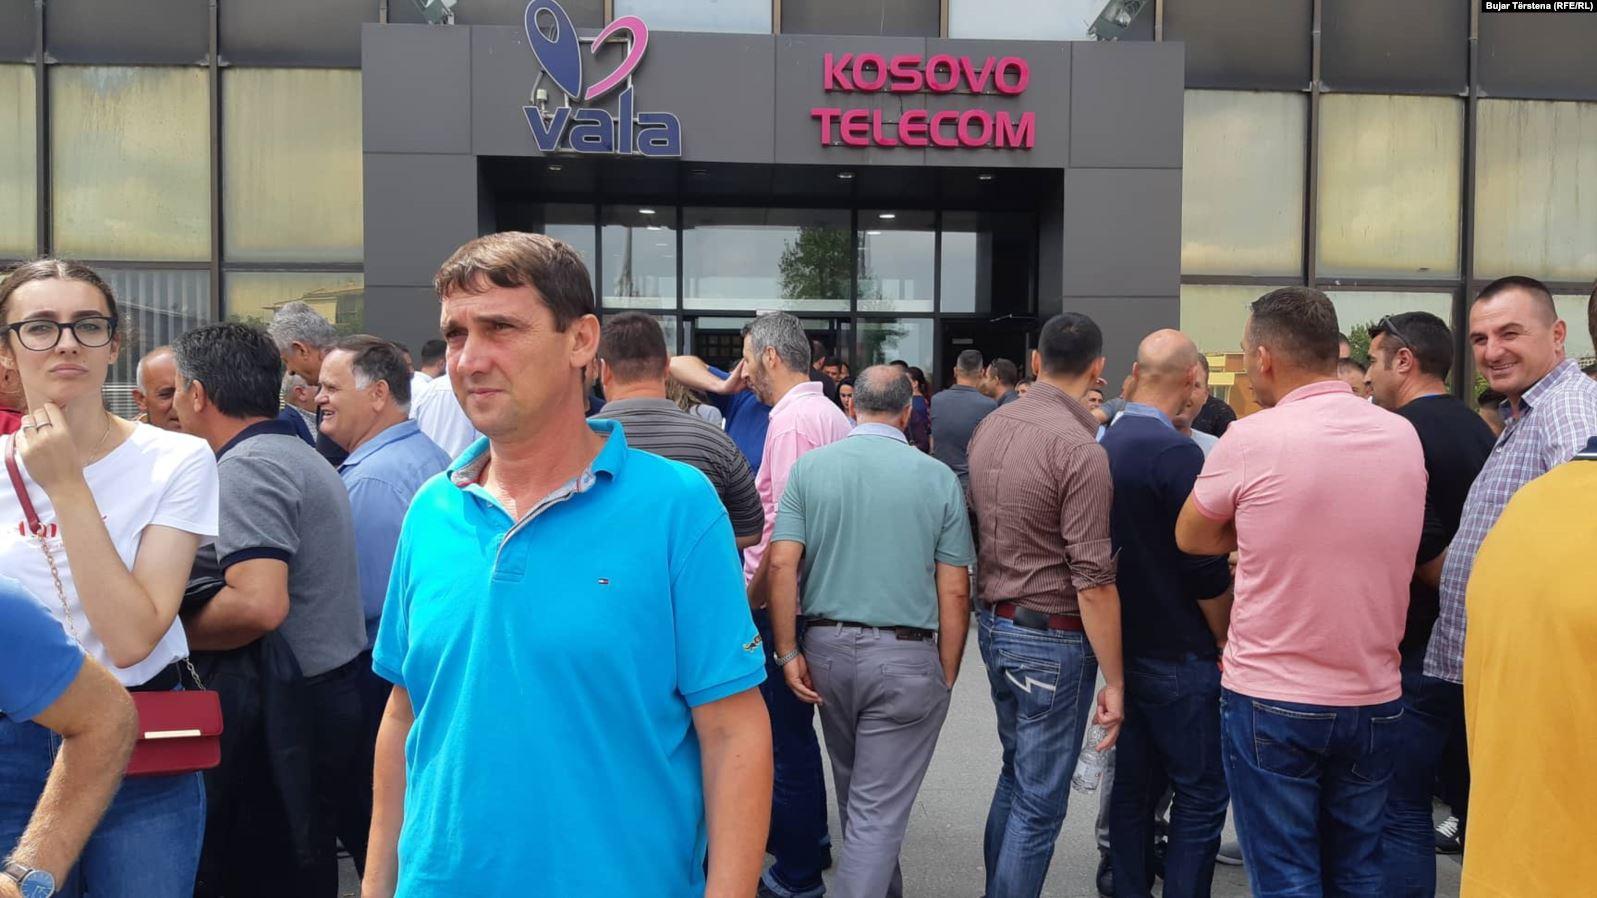 Qeveria në kërkim të zgjidhjes për Telekomin e Kosovës